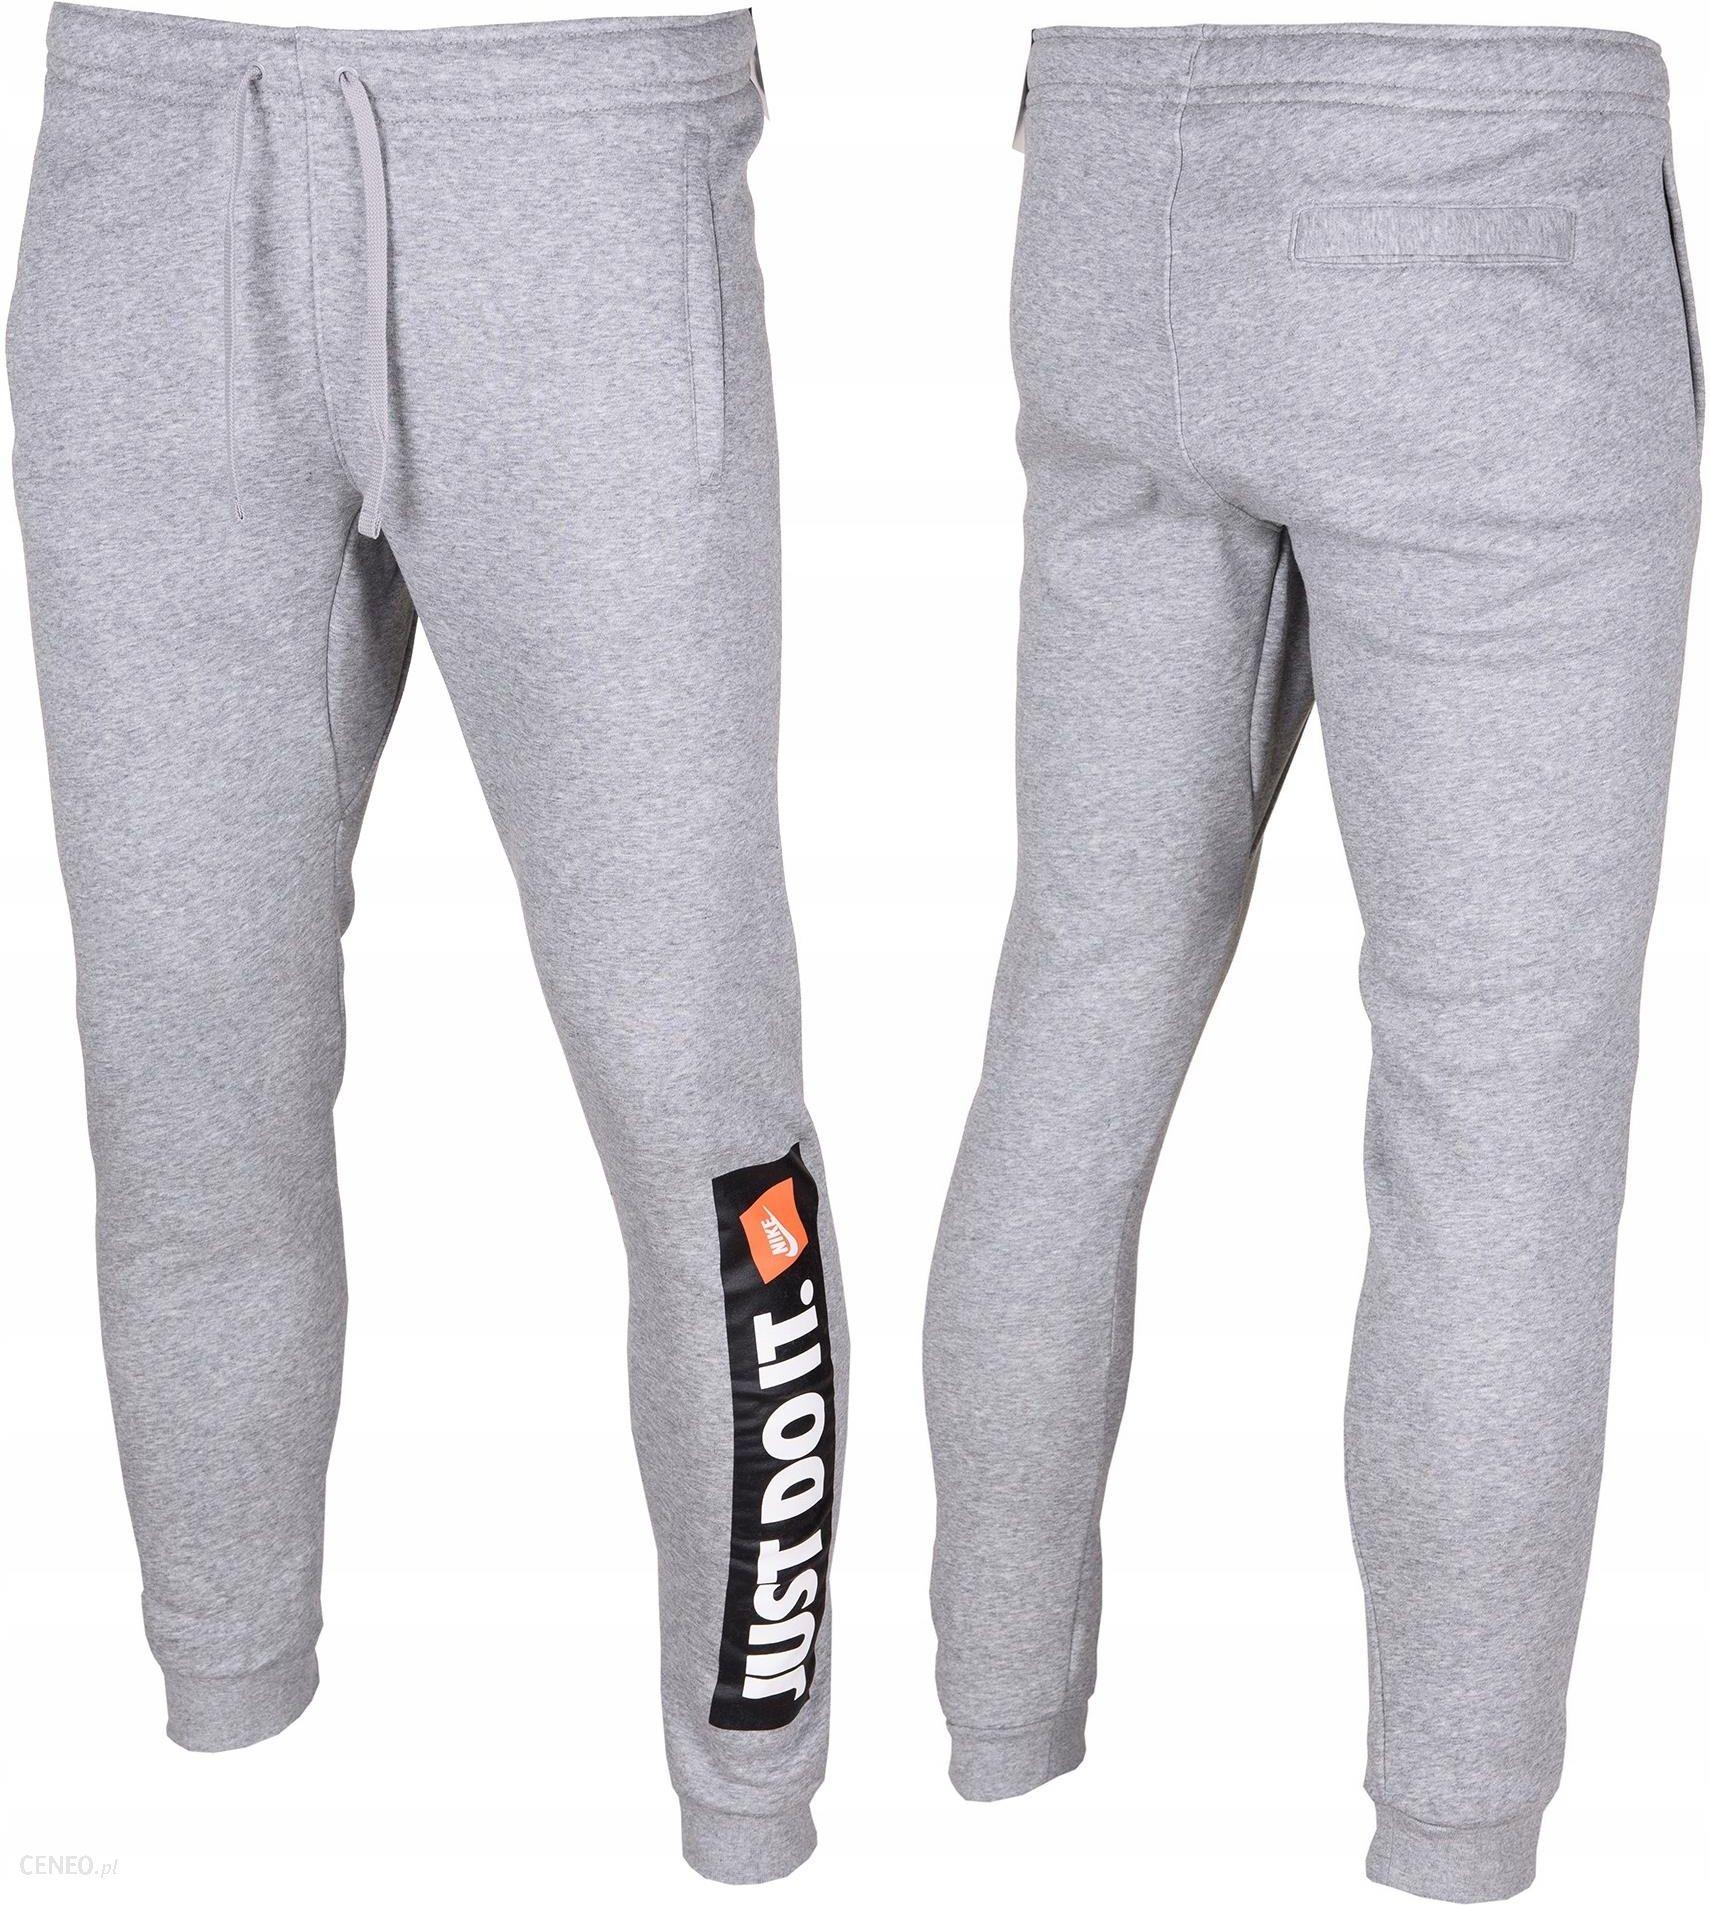 Nike spodnie dresowe męskie JUST DO IT roz.S Ceny i opinie Ceneo.pl